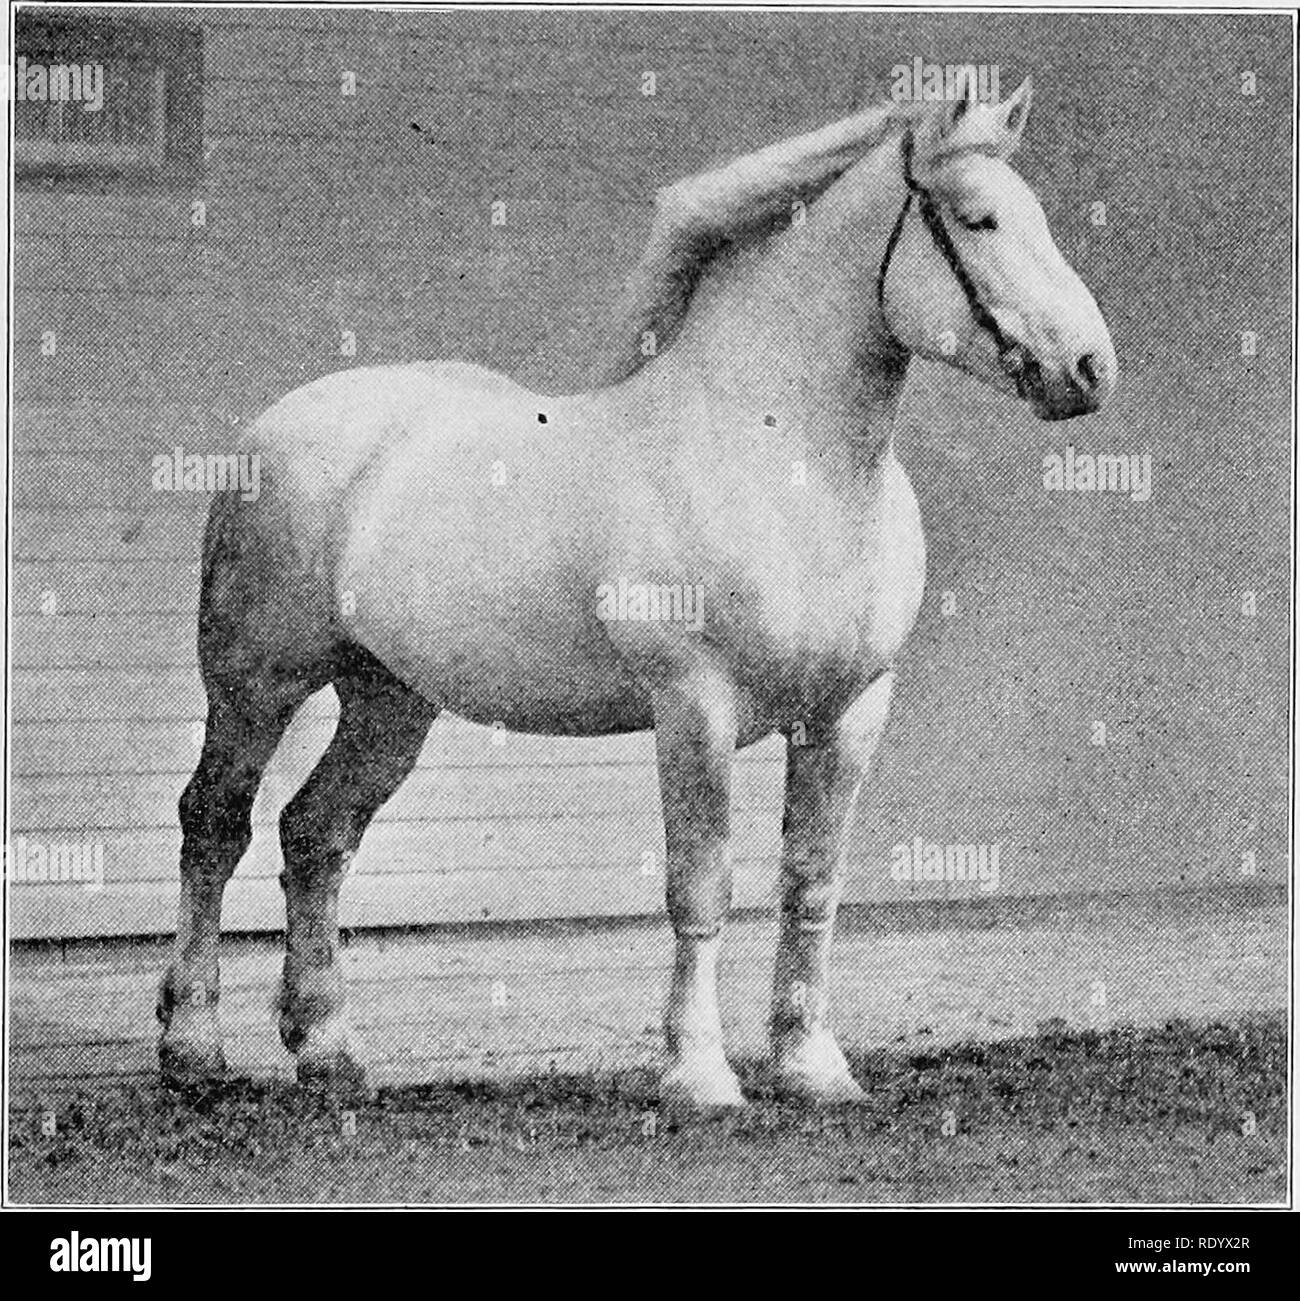 . Arten und Rassen der Tiere. Viehbestand. Der Entwurf - PFERD TYP 91 TYvft Unterarm sollten vergleichsweise lang, breit und stark in seinem oberen Teil bemuskelt, und nach und nach in die Knie. Eine leistungsstarke Unterarm über den Entwurf des Pferdes ist sehr wichtig, und sein Wert ist nicht hoch genug eingeschätzt werden. Das Knie muss breit sein, von vorn gesehen, gut wieder durchgeführt werden, und die großzügig von unten durch die Kanone Knochen unterstützt werden. Dieser Teil sollte gepflegt werden, hart, und sauber.. Abb. 30. Ein schönes Beispiel für den Entwurf des Art. Von Foto von John W. Hügel die Kanone Knochen ist rund, hat aber Sehnen ex Stockbild